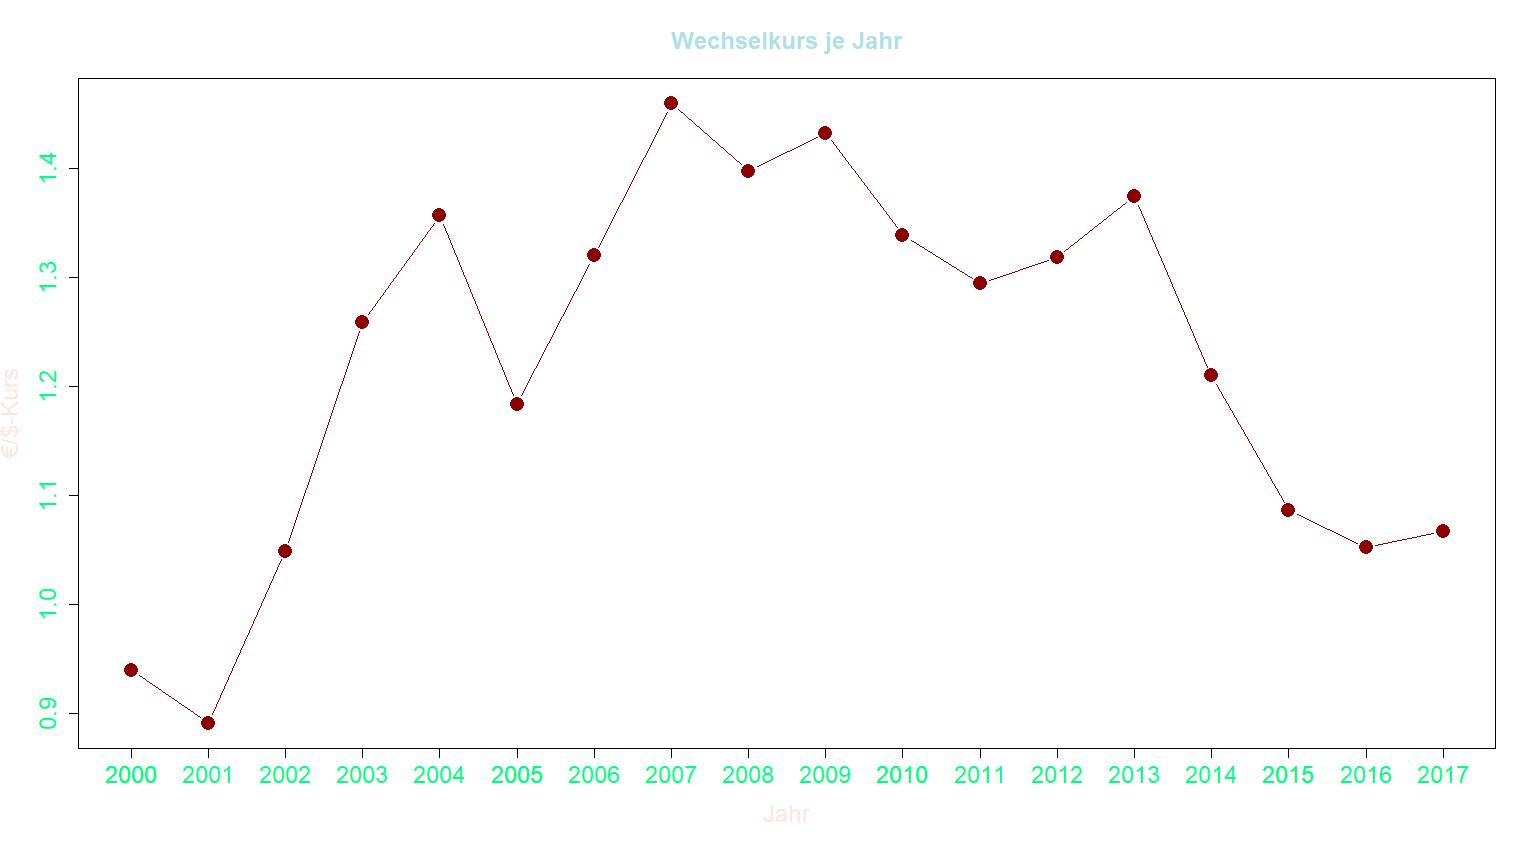 Buntes Liniendiagramm mit Datenpunkten in R